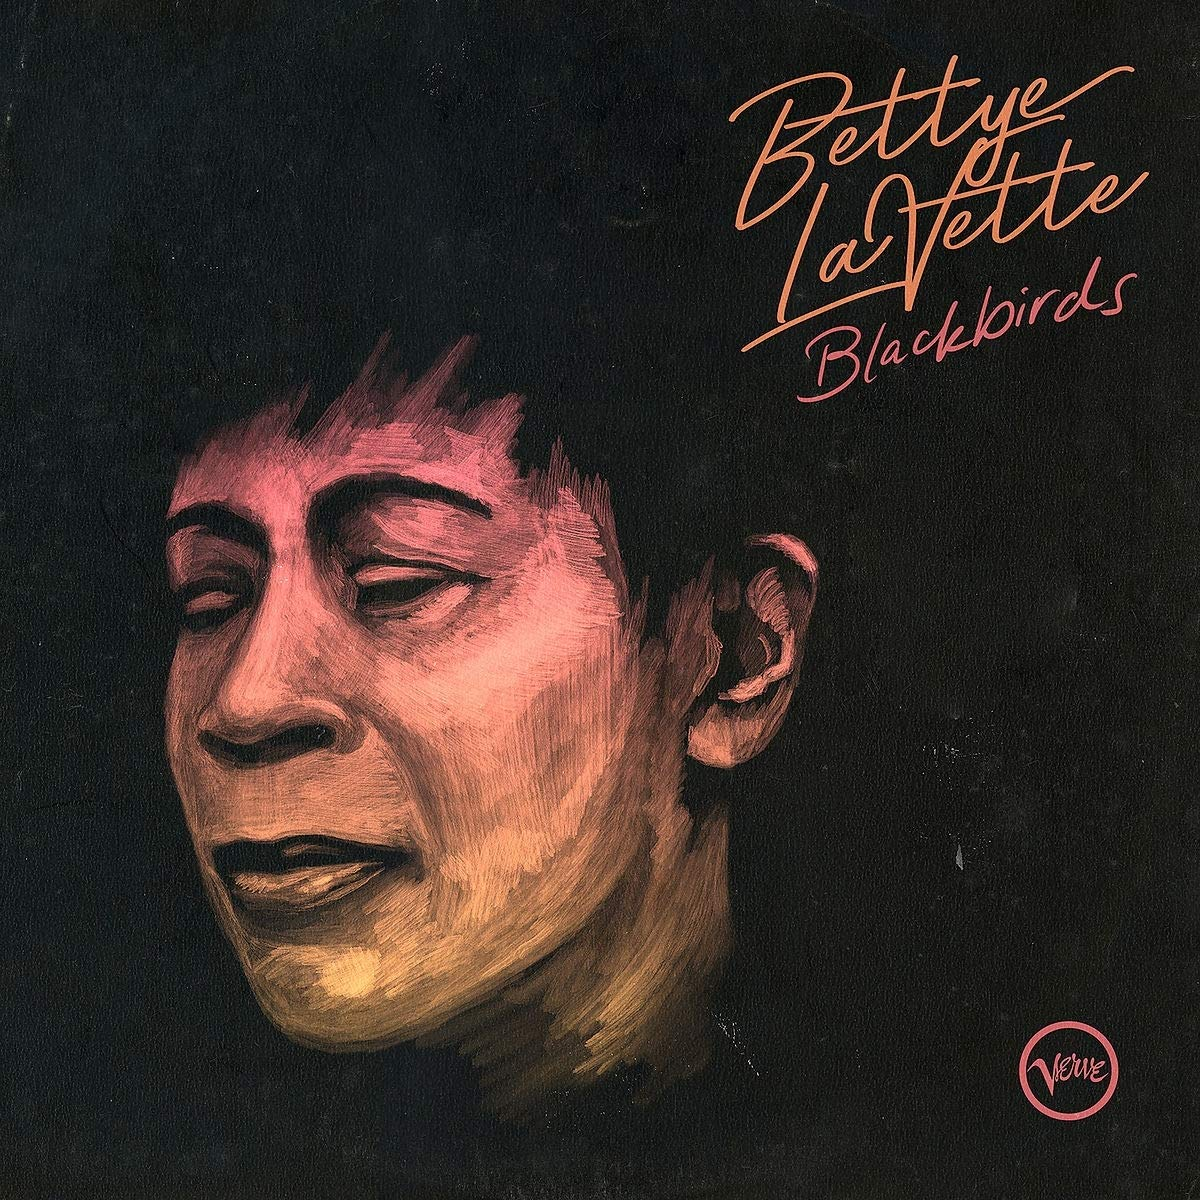 Bettye LaVette: Blackbirds